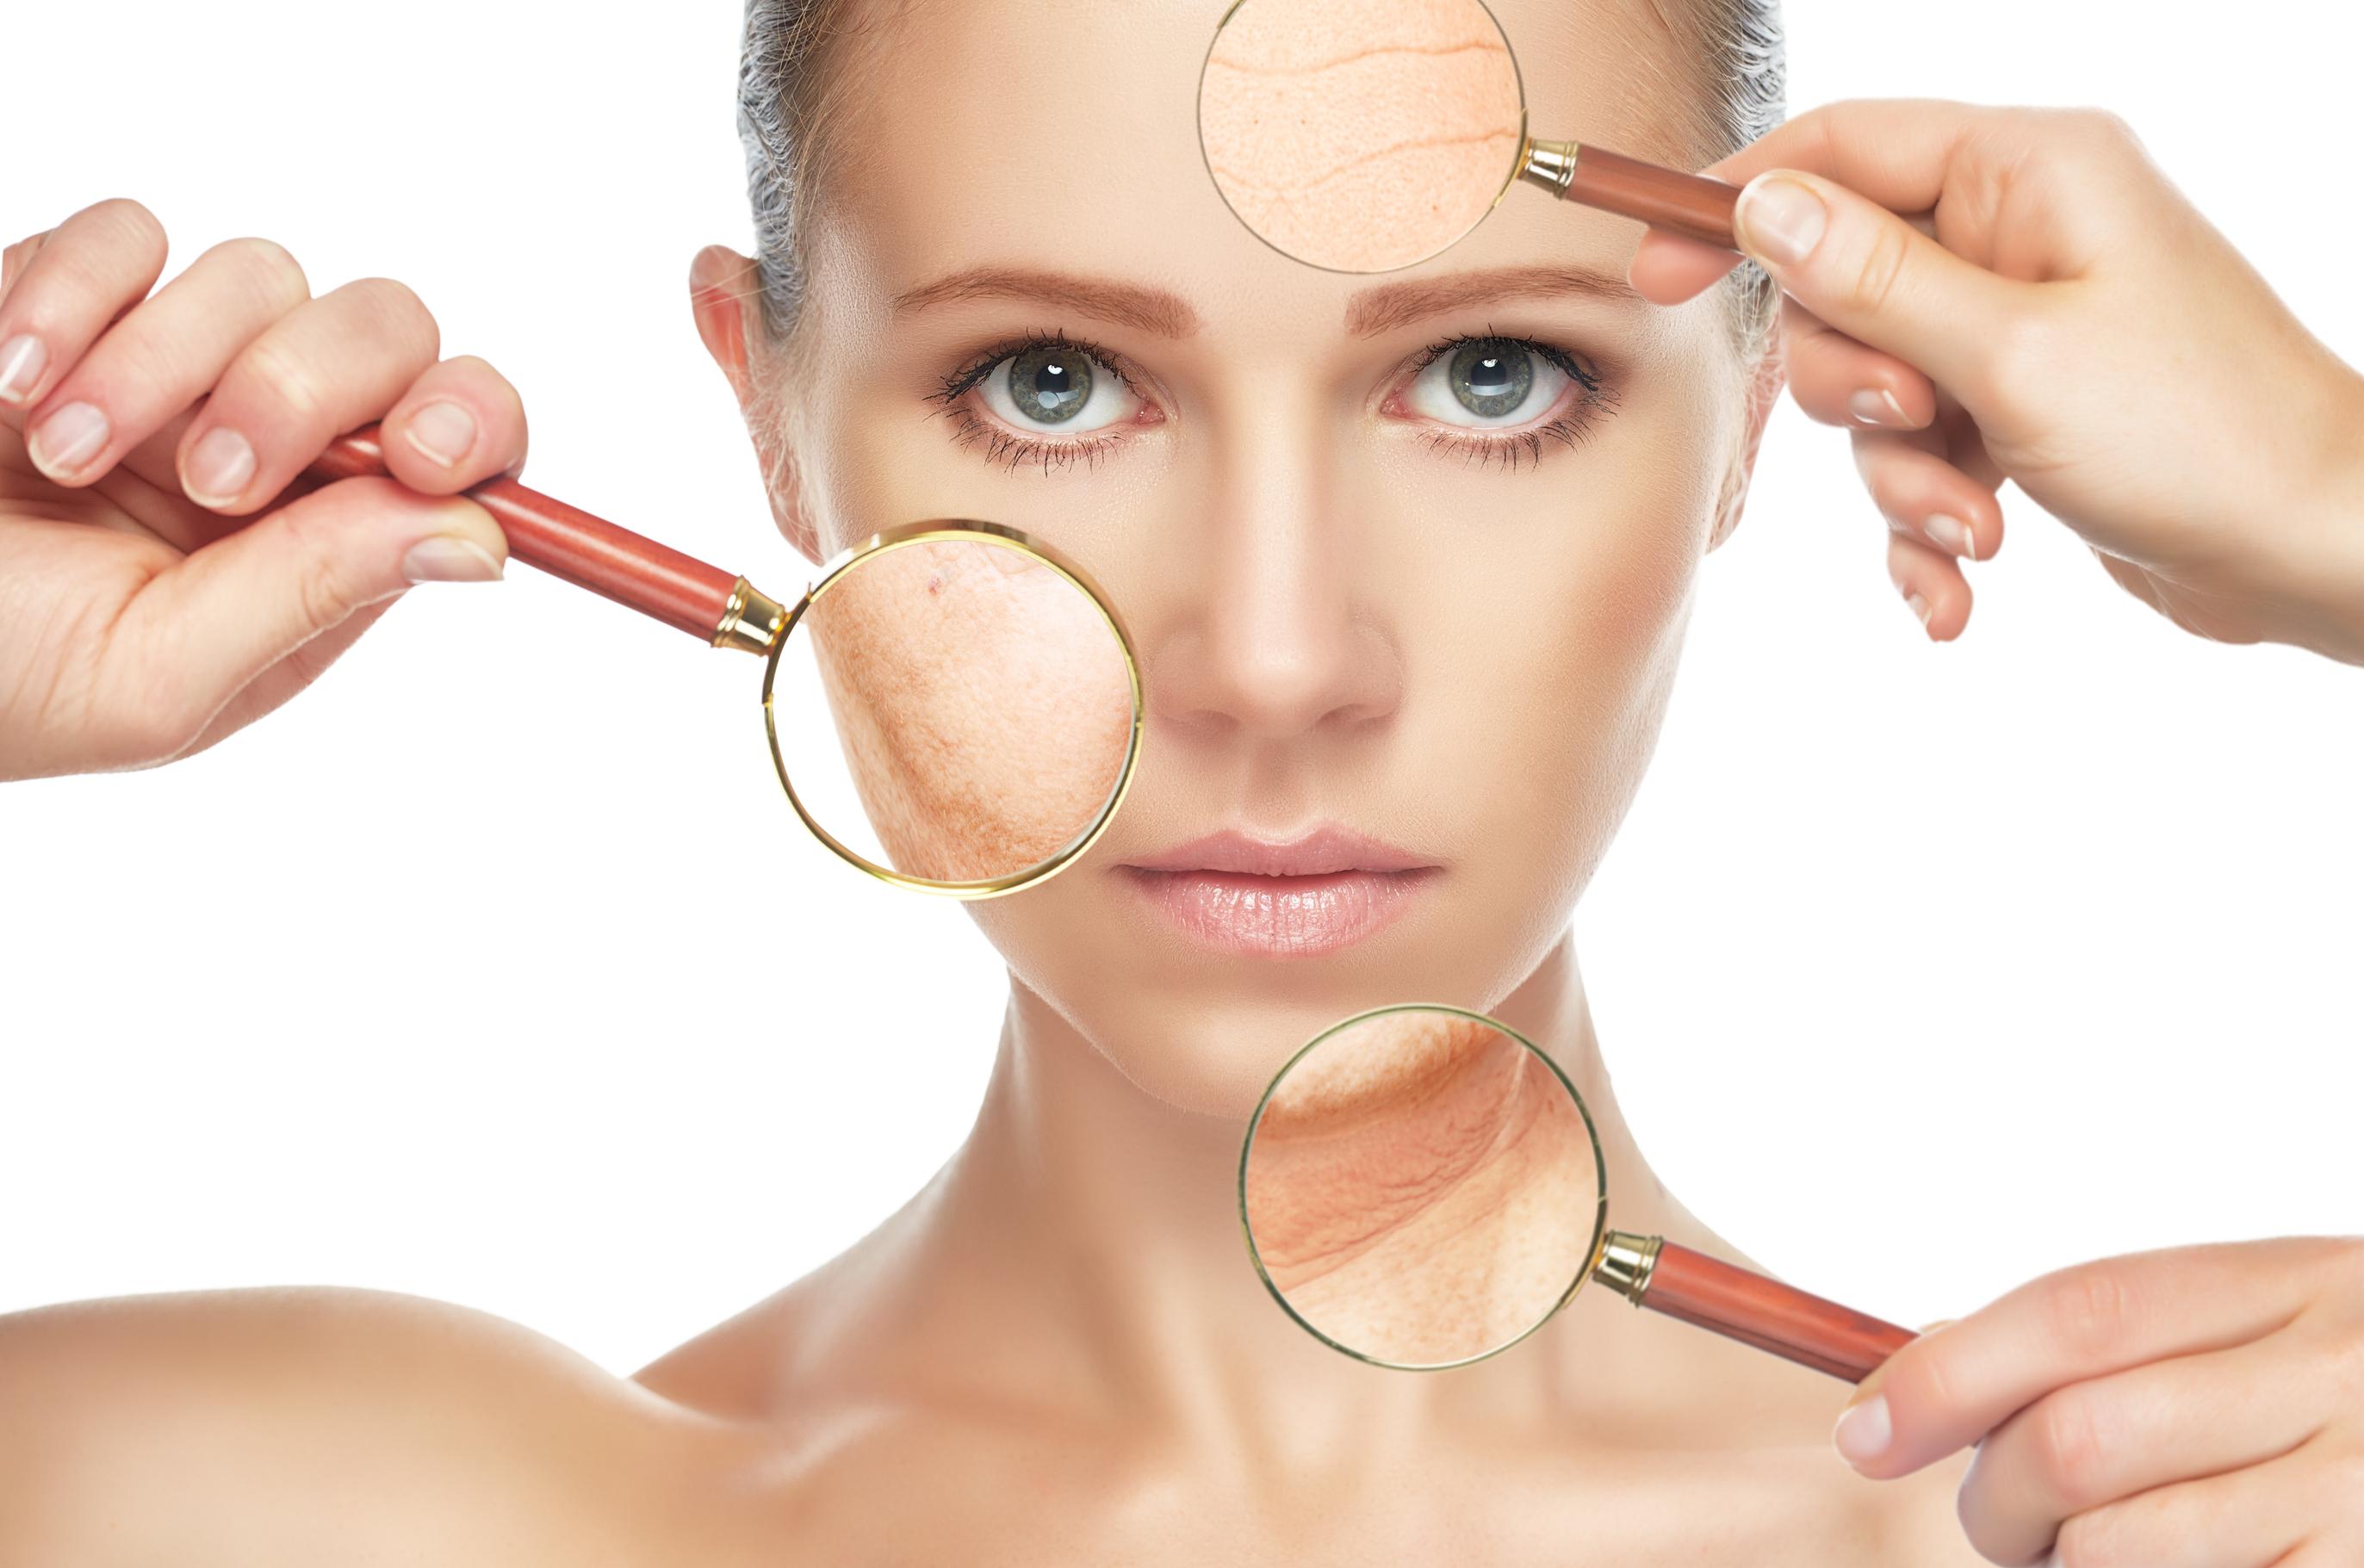 collageen, veroudering, behandeling, gezichtsbehandeling, elastine, rimpels